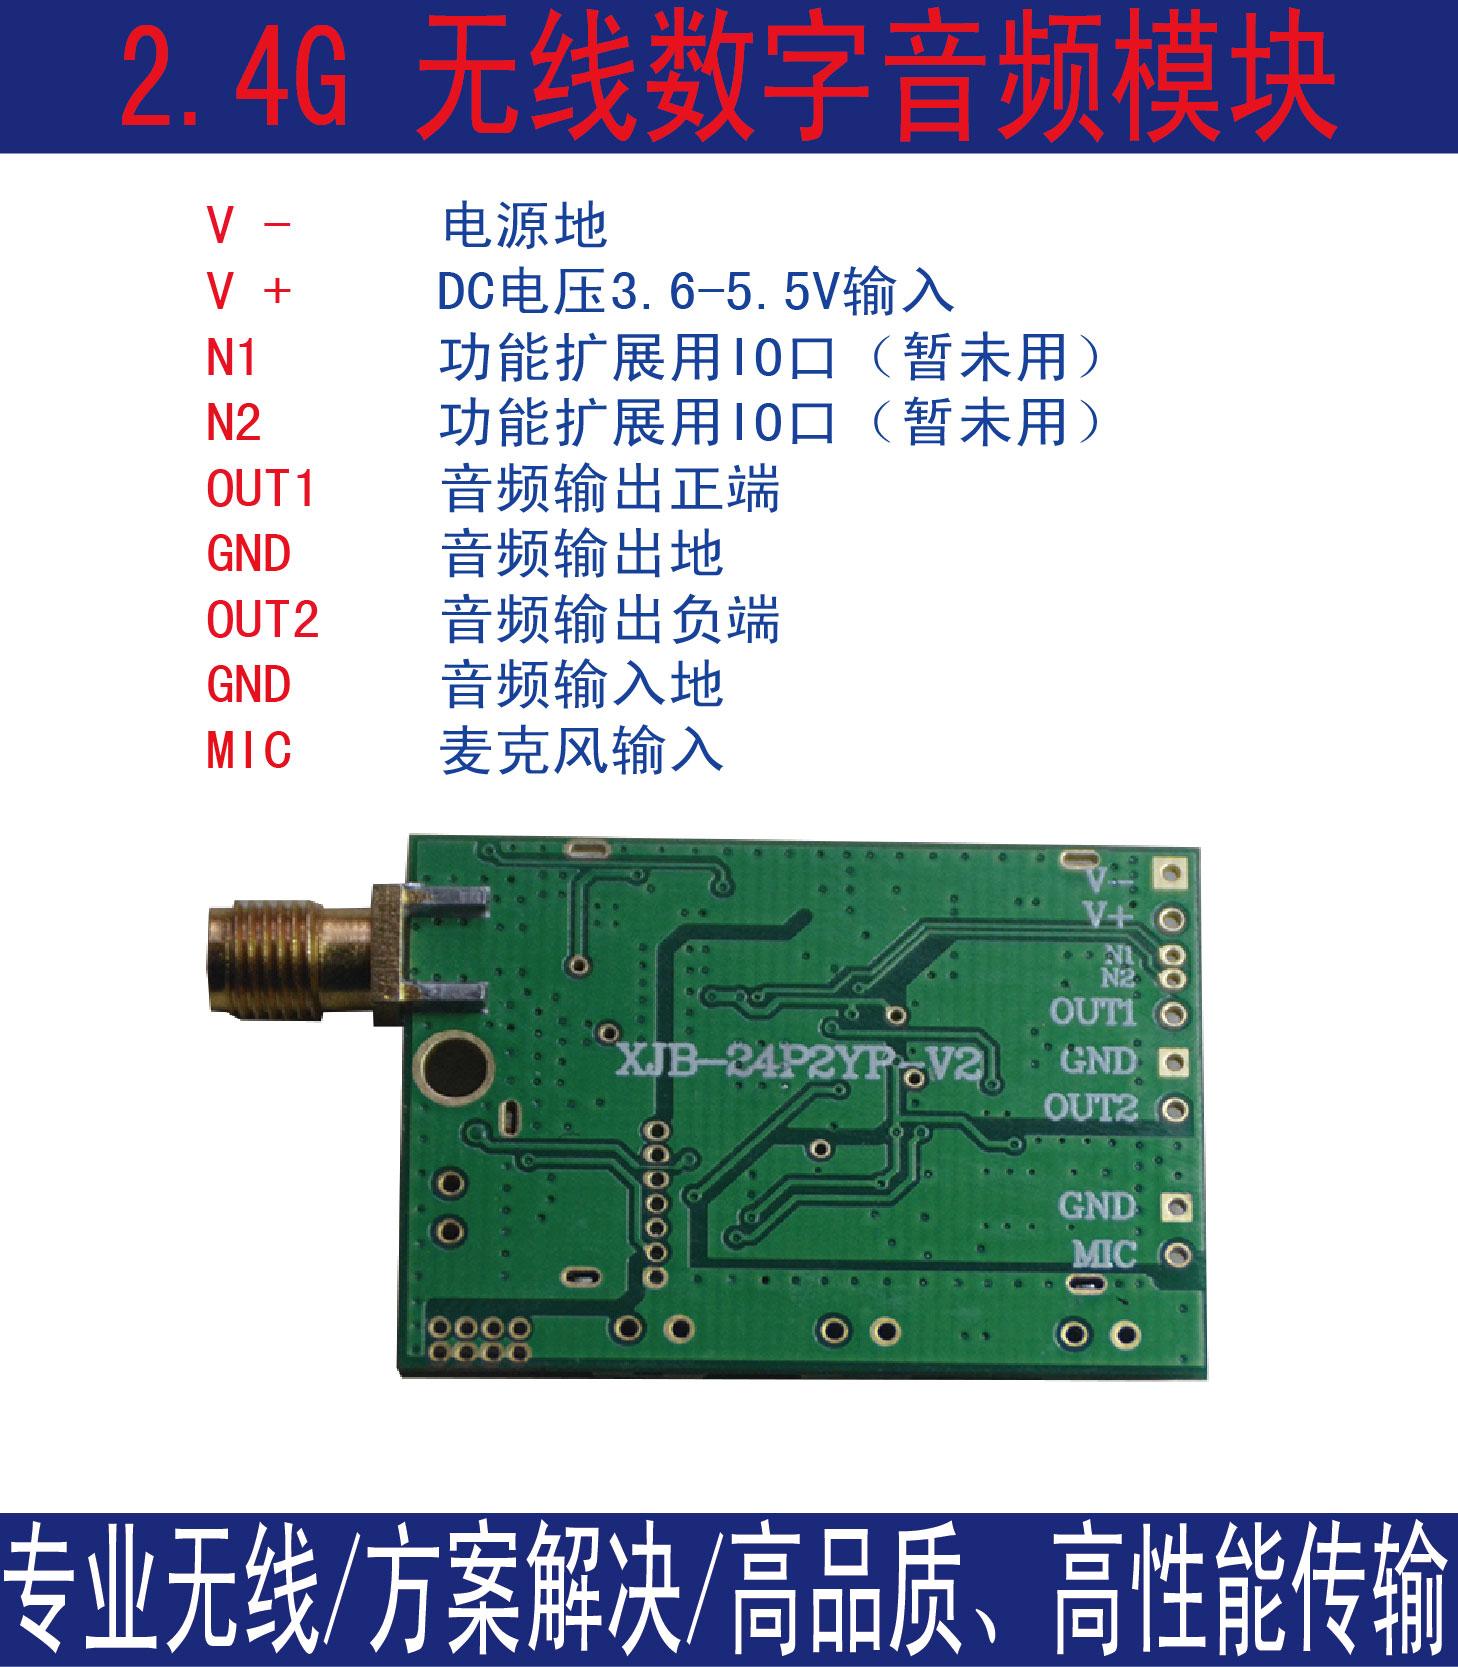 无线数字对讲机 声音监护 语音 音频传输模块 全双工 自动跳频